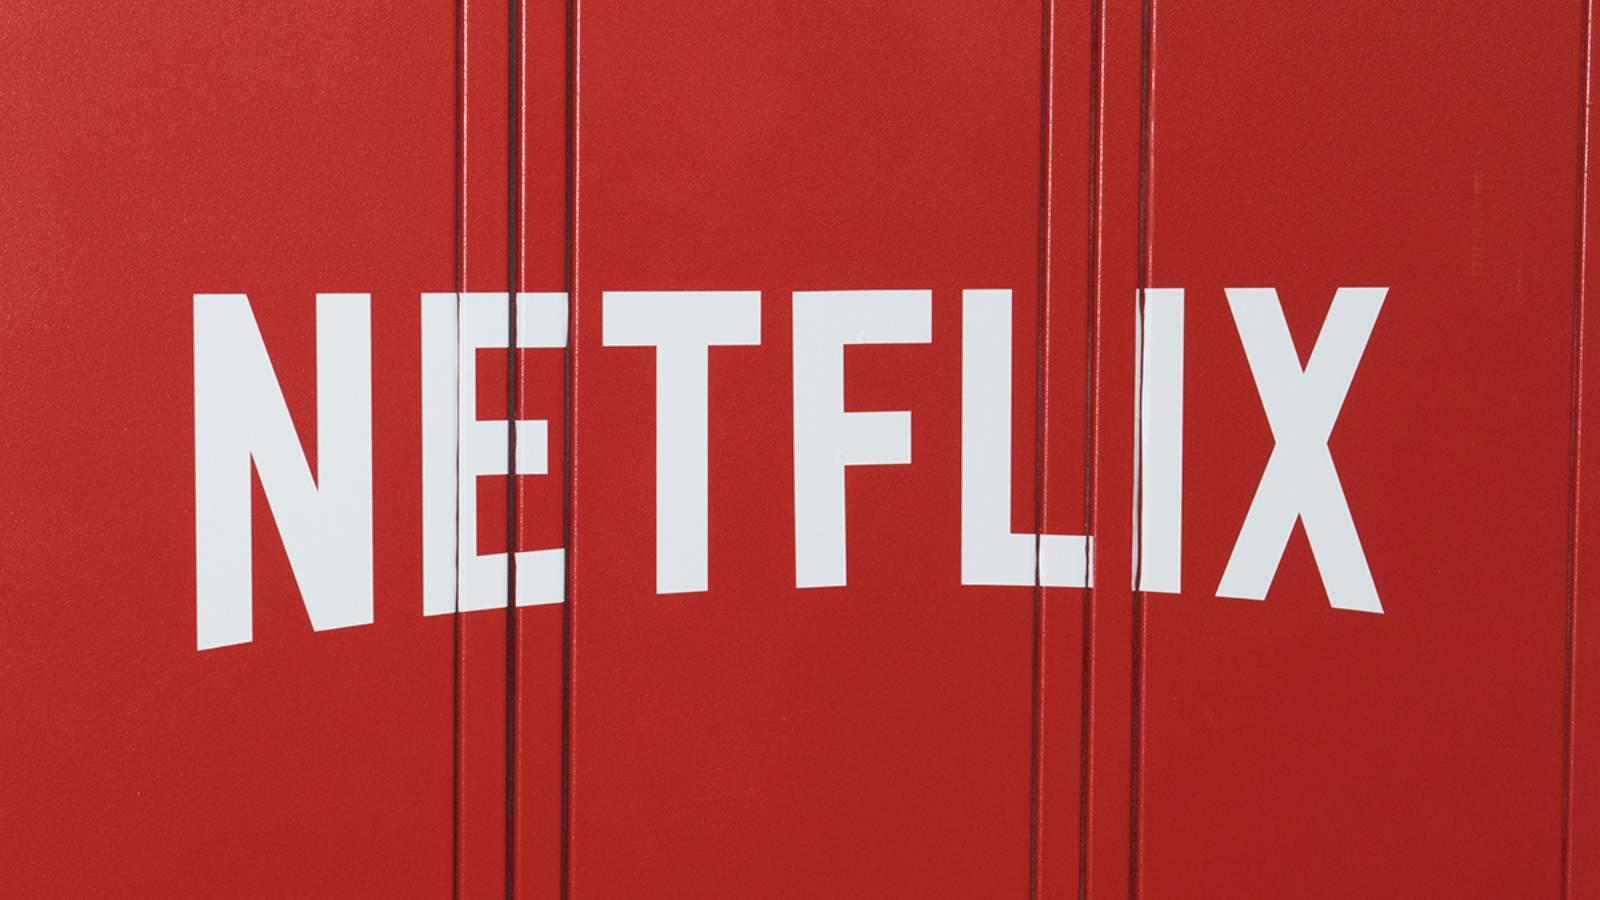 Netflix sustinere